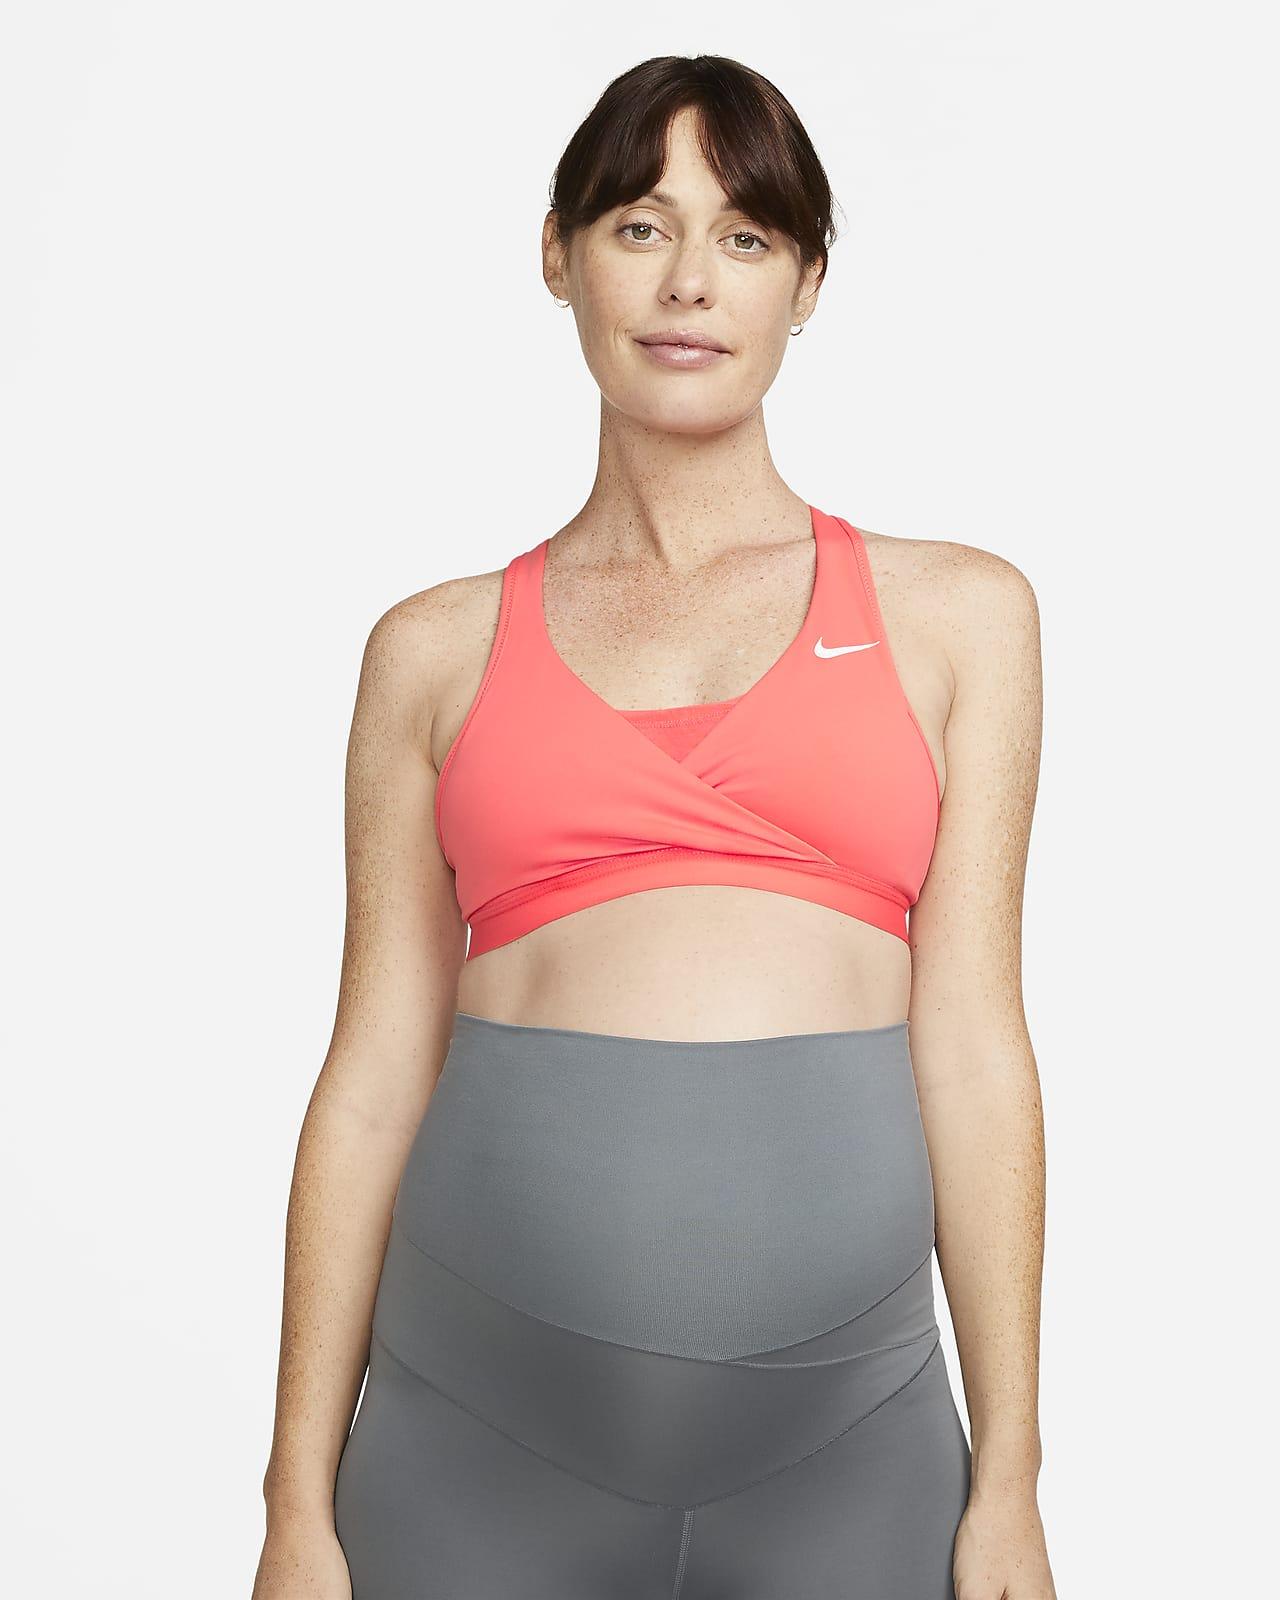 Αθλητικός στηθόδεσμος μέτριας στήριξης με ενίσχυση Nike (M) Swoosh (μητρότητας)